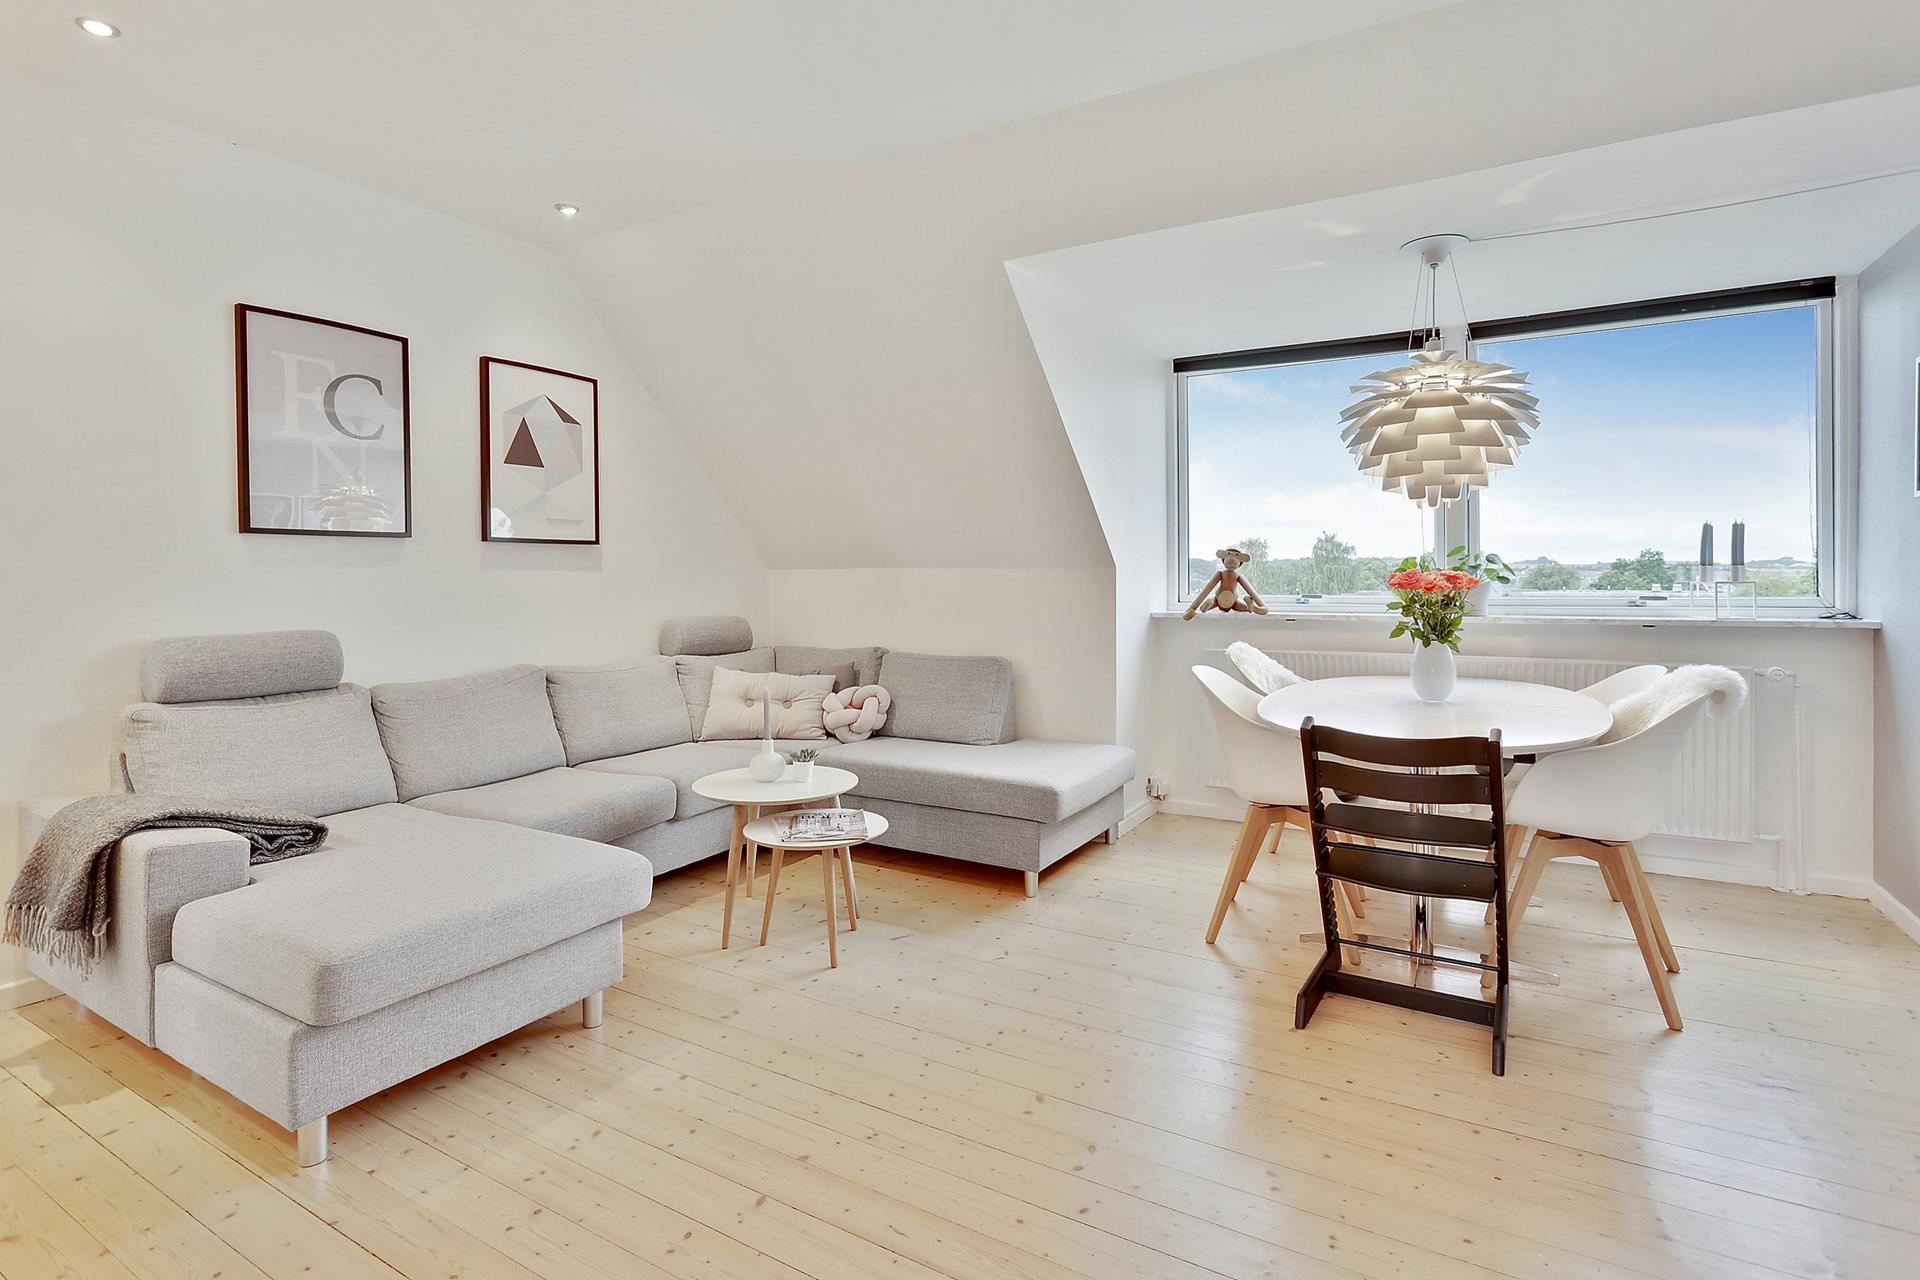 Pisos modernos en edificios de los 60 blog tienda for Decoracion pisos modernos